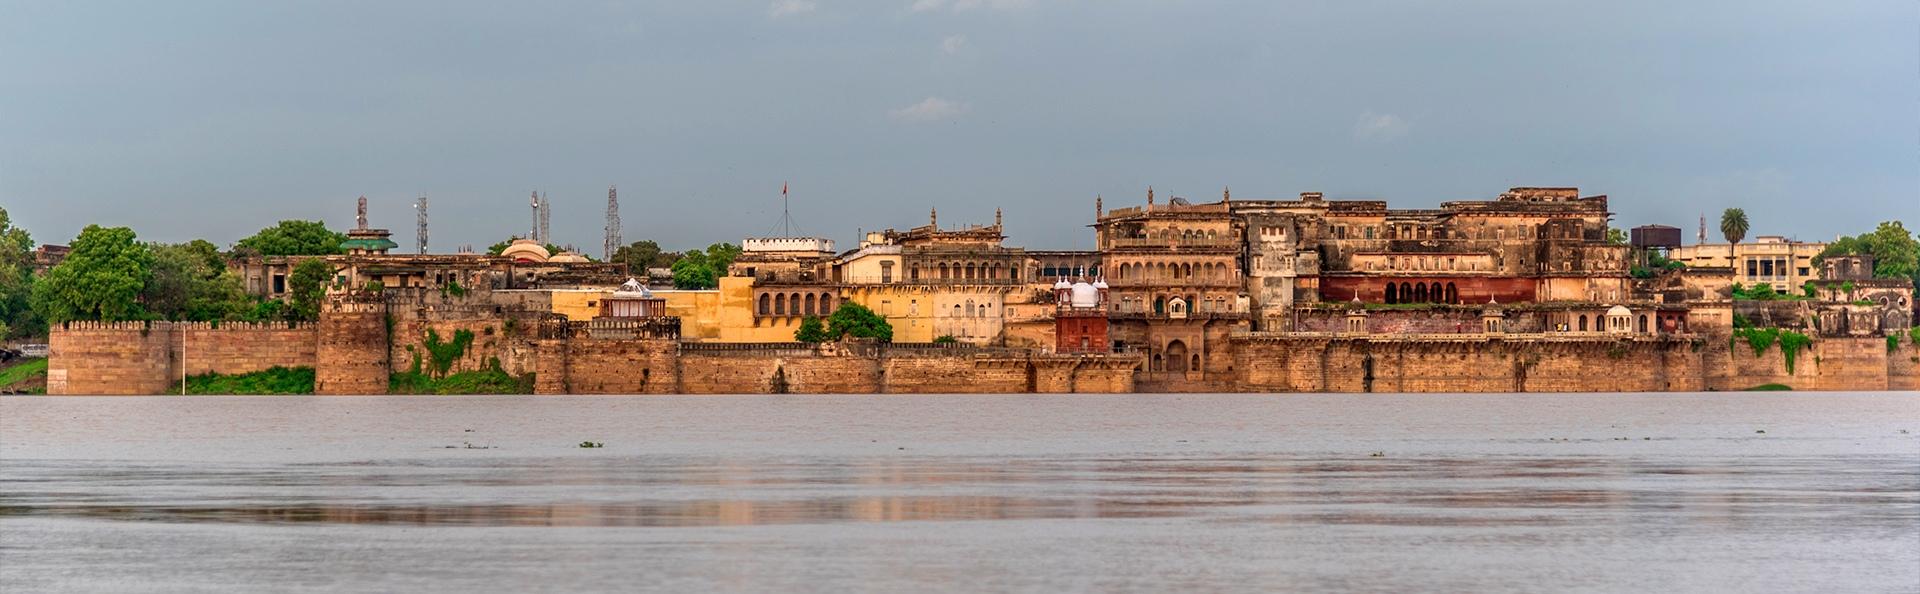 Ramnagar Fort Panorama